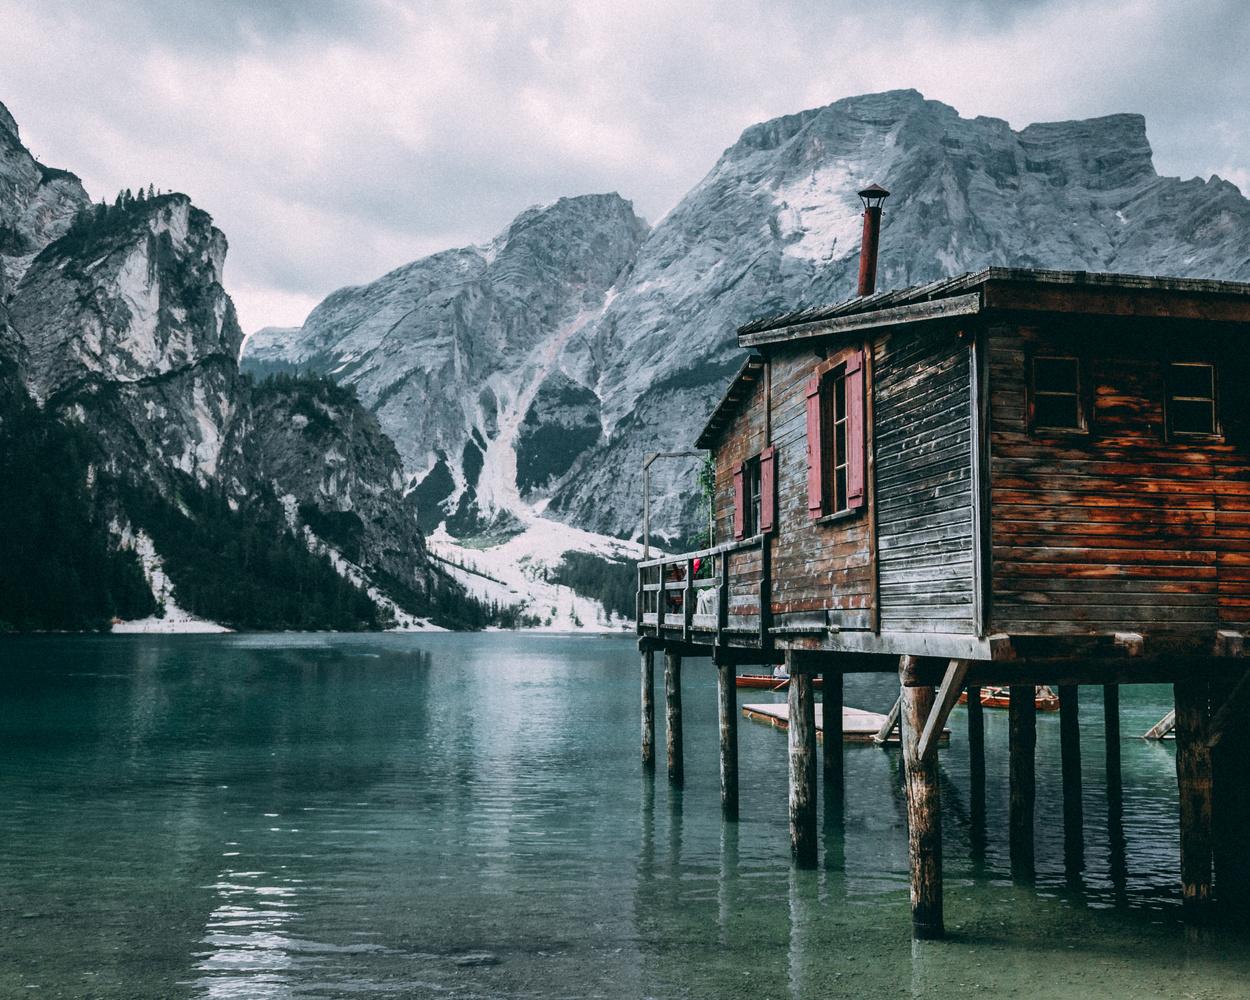 Boat house in Italy by Henrik Utne